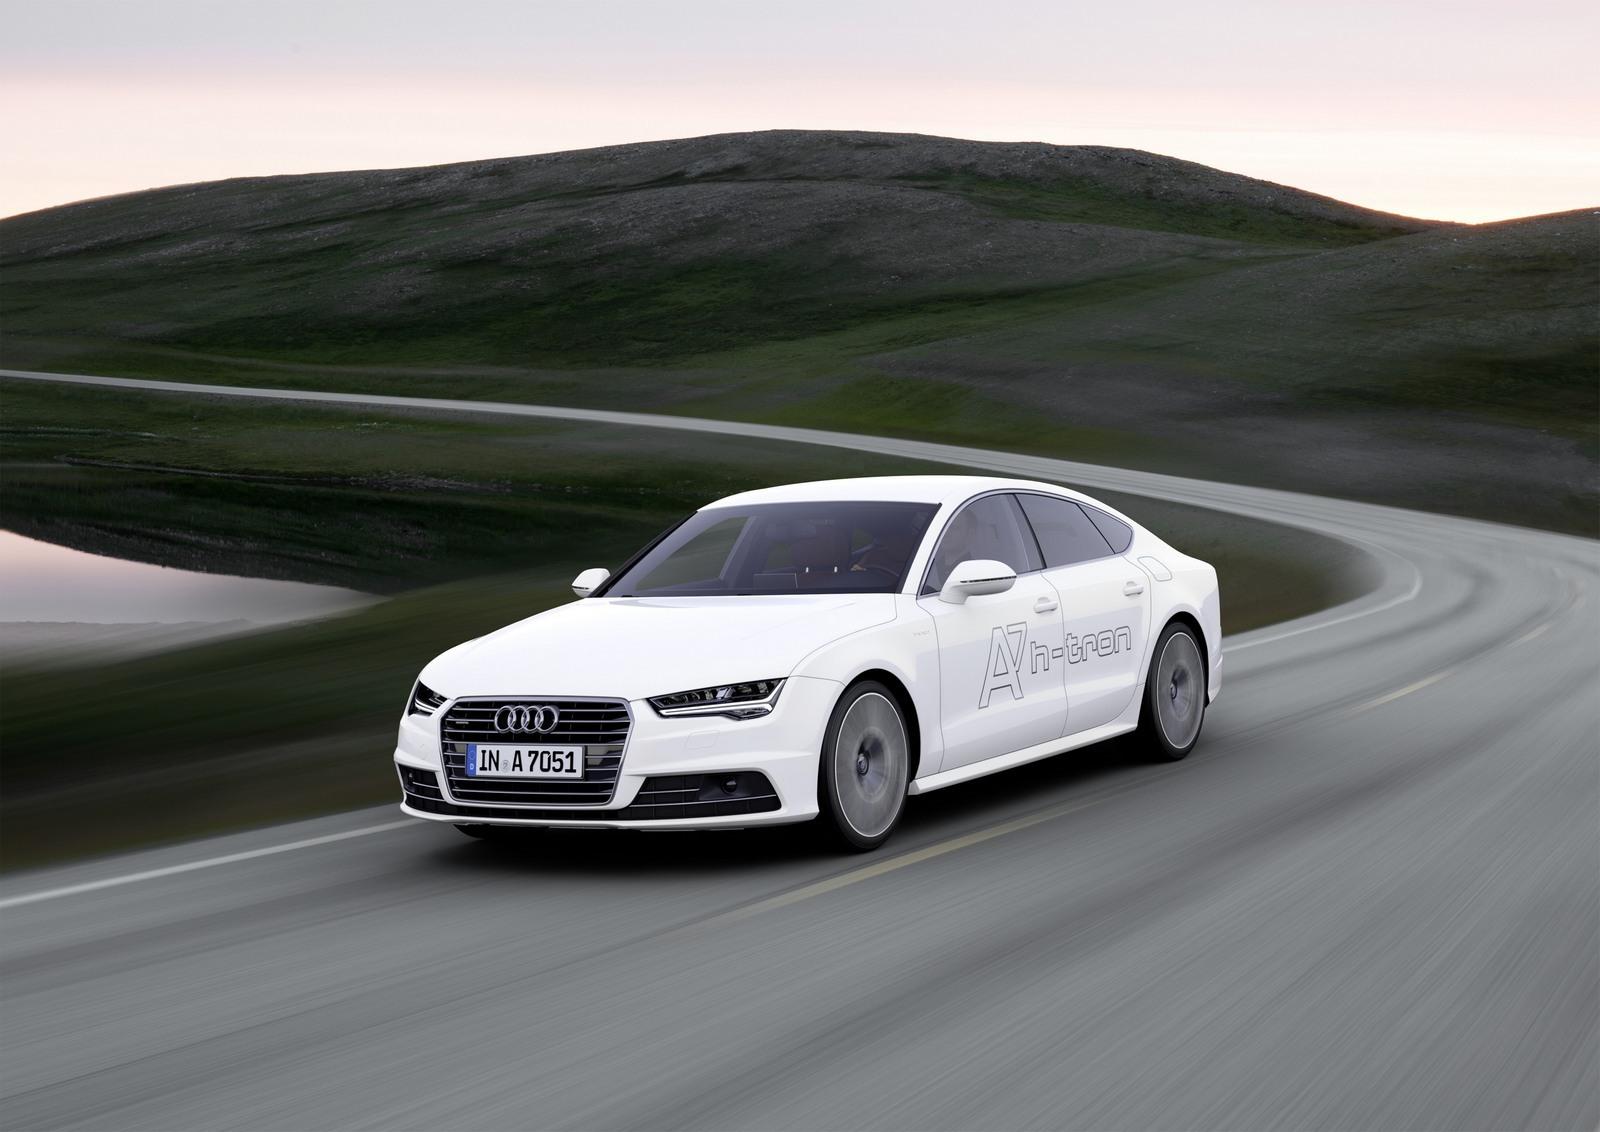 Foto de Audi A7 Sportback h-tron quattro (1/27)